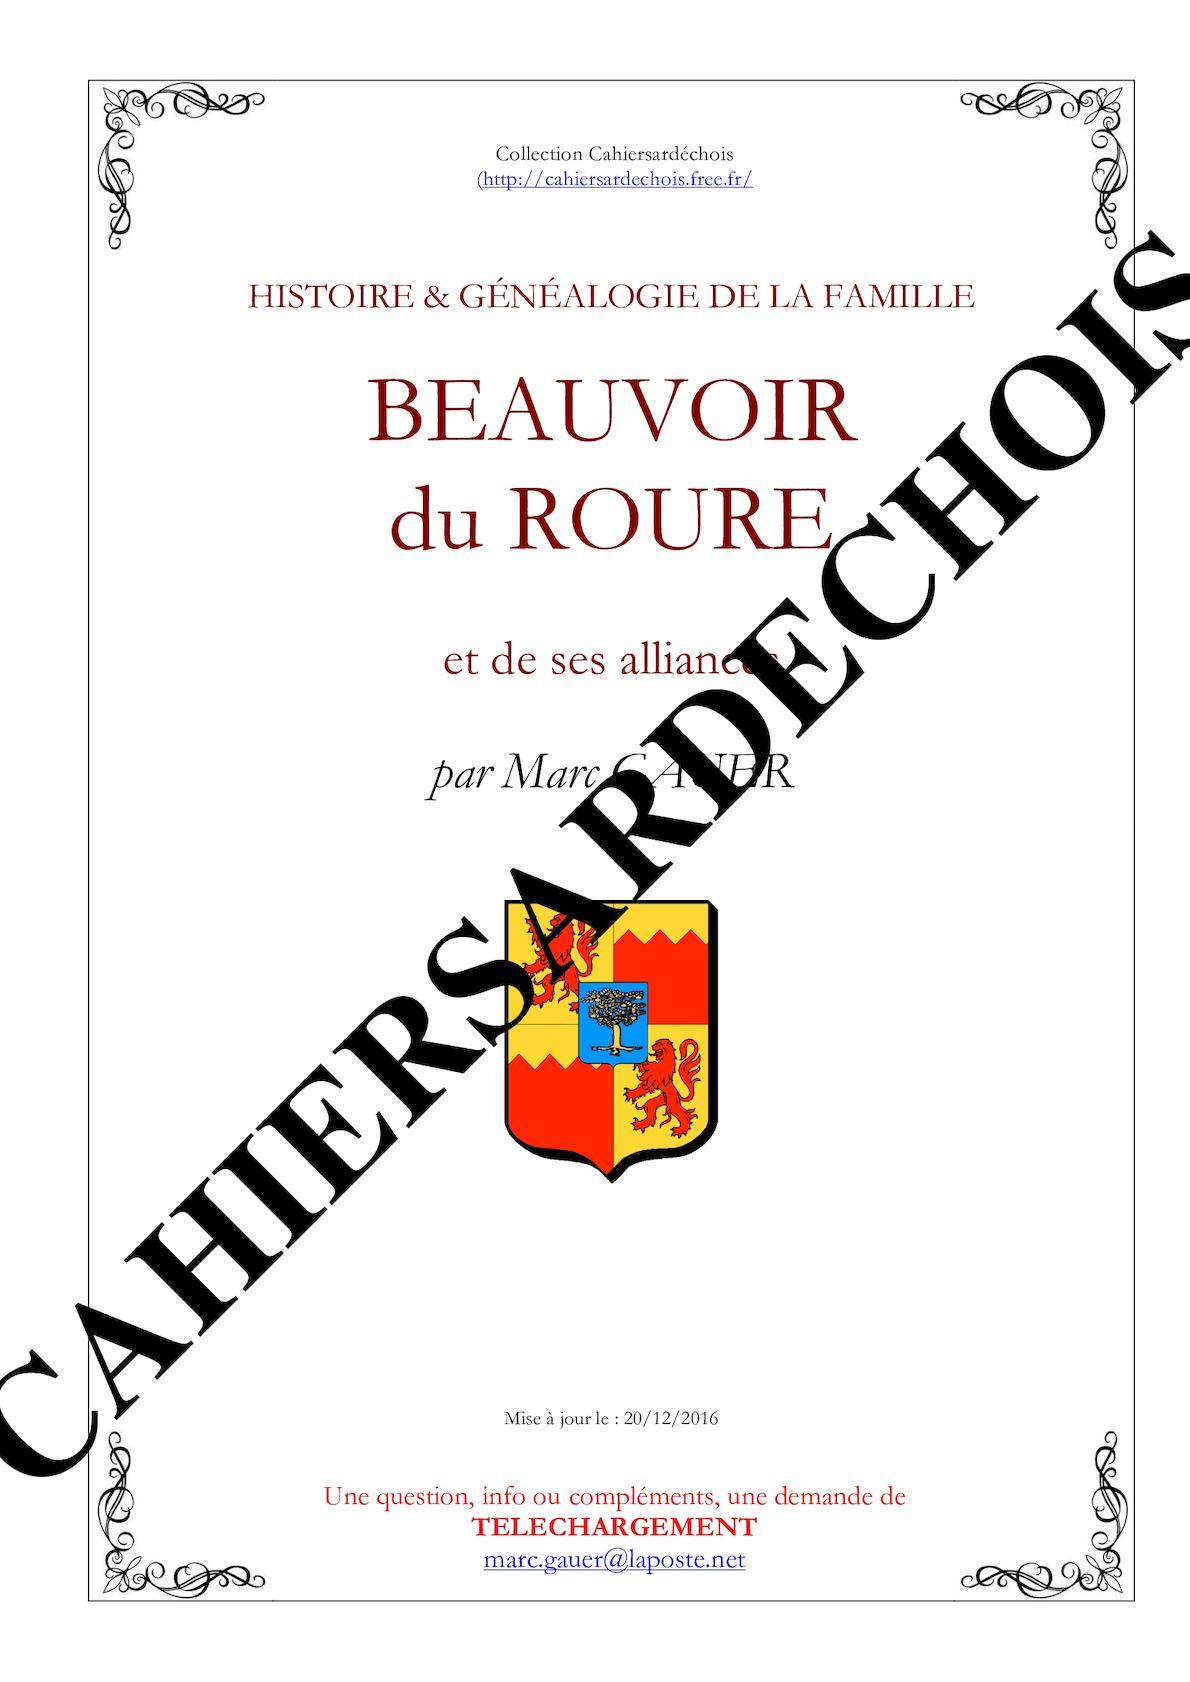 Beauvoir du Roure